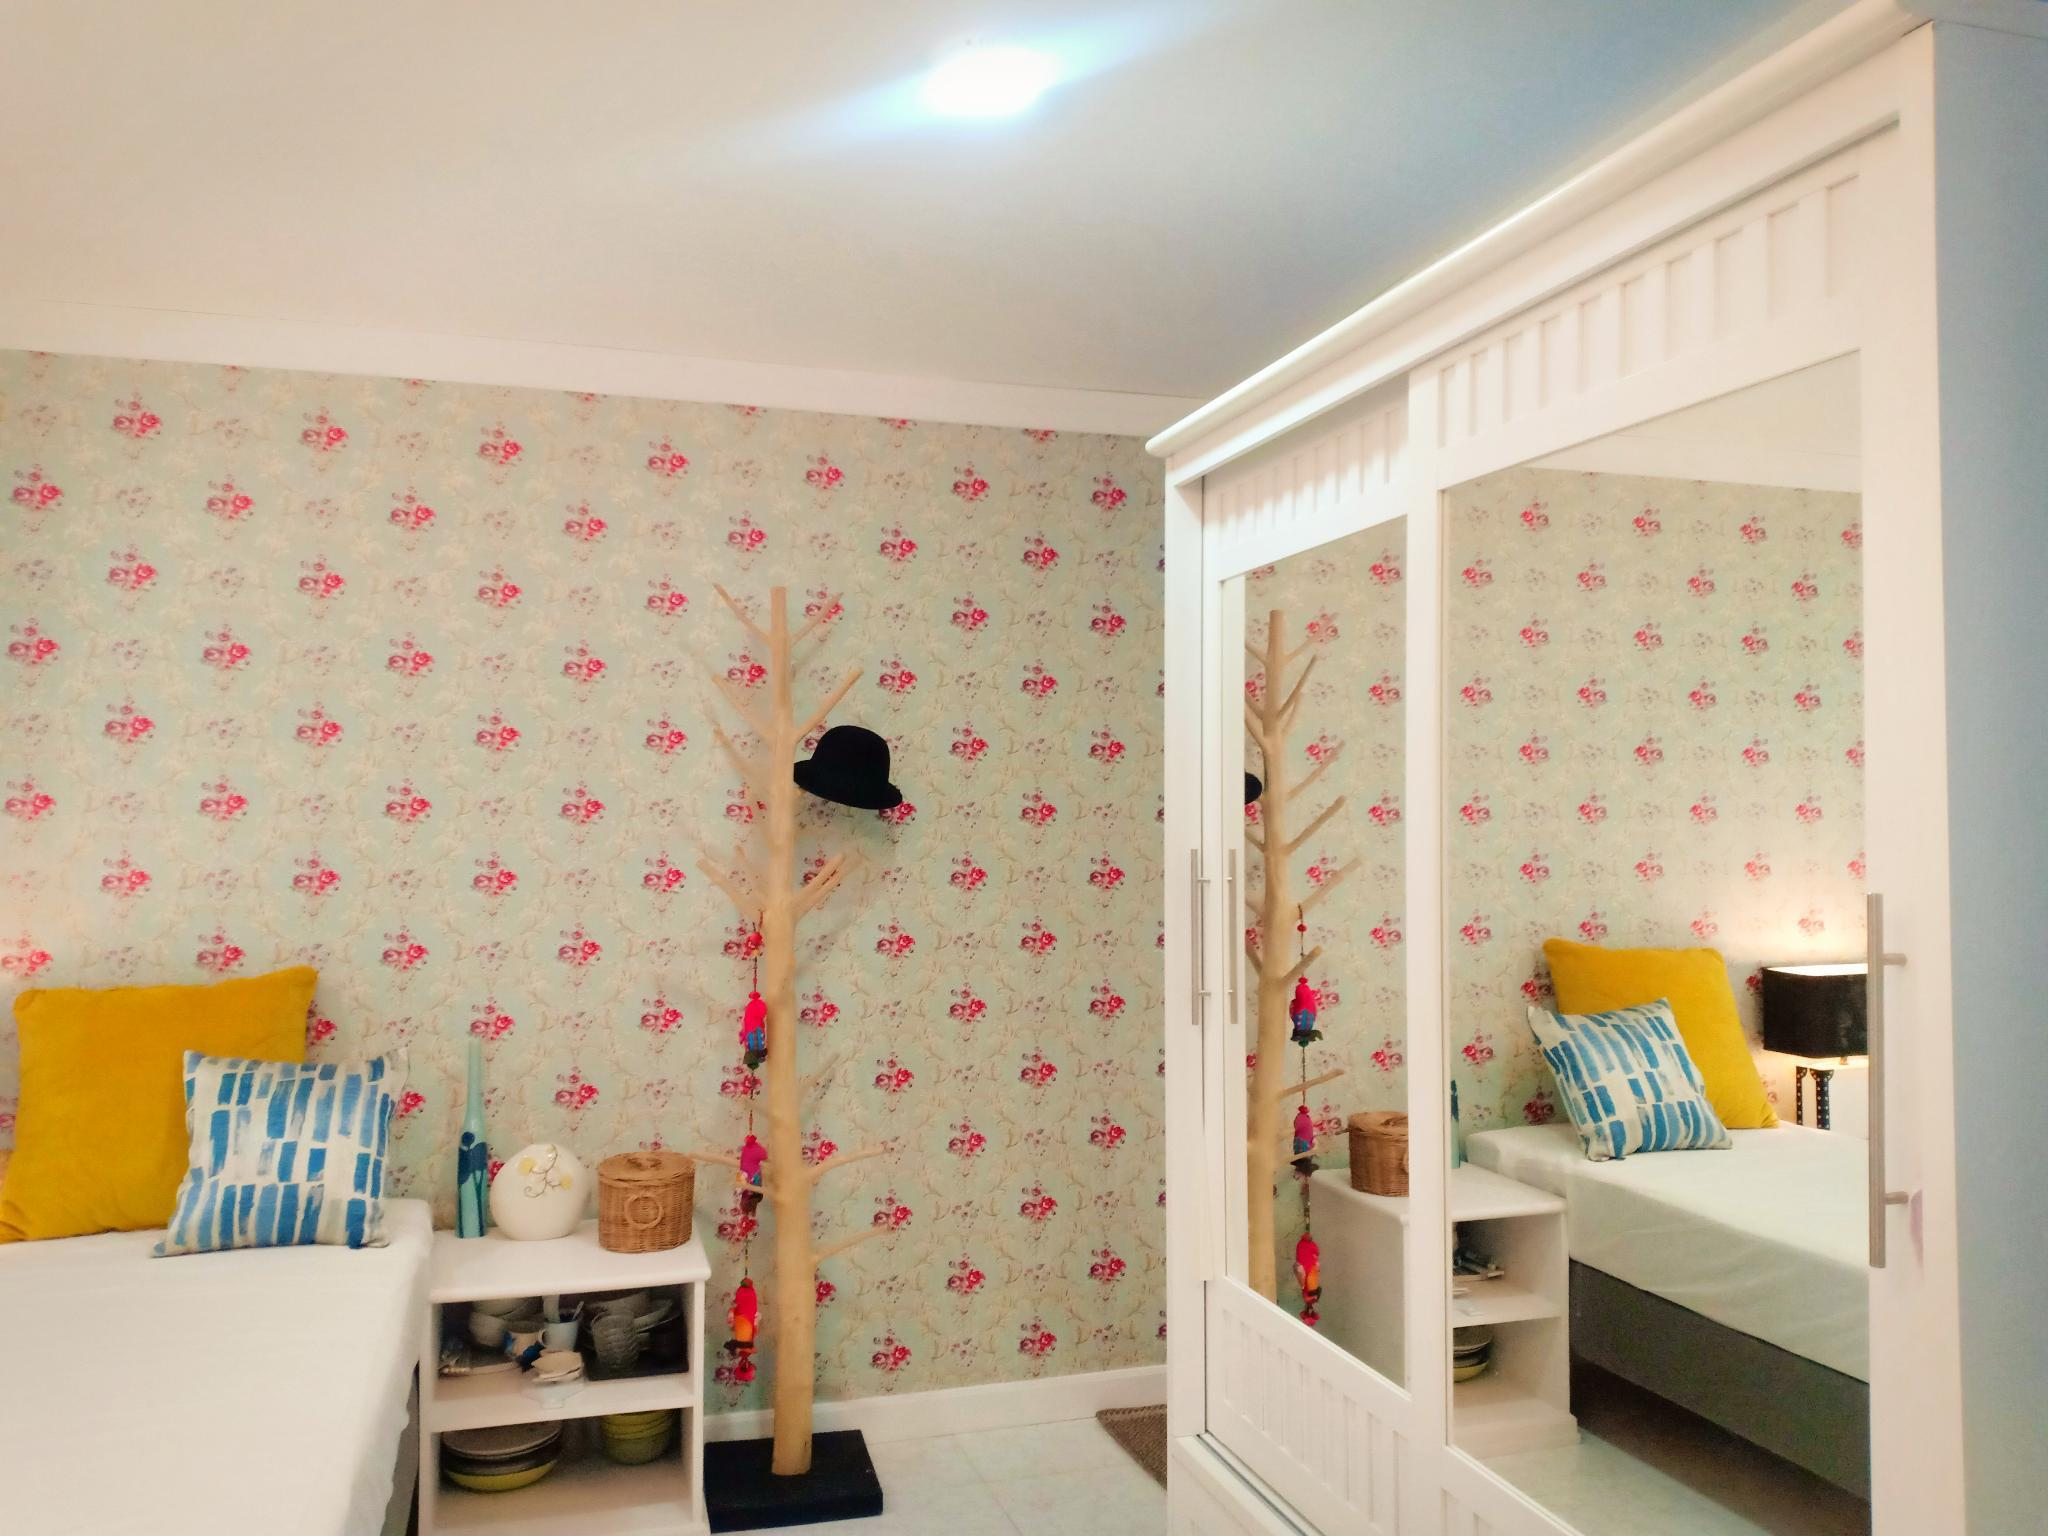 La Rose de Mae Taeng บ้านเดี่ยว 1 ห้องนอน 1 ห้องน้ำส่วนตัว ขนาด 45 ตร.ม. – แม่แตง